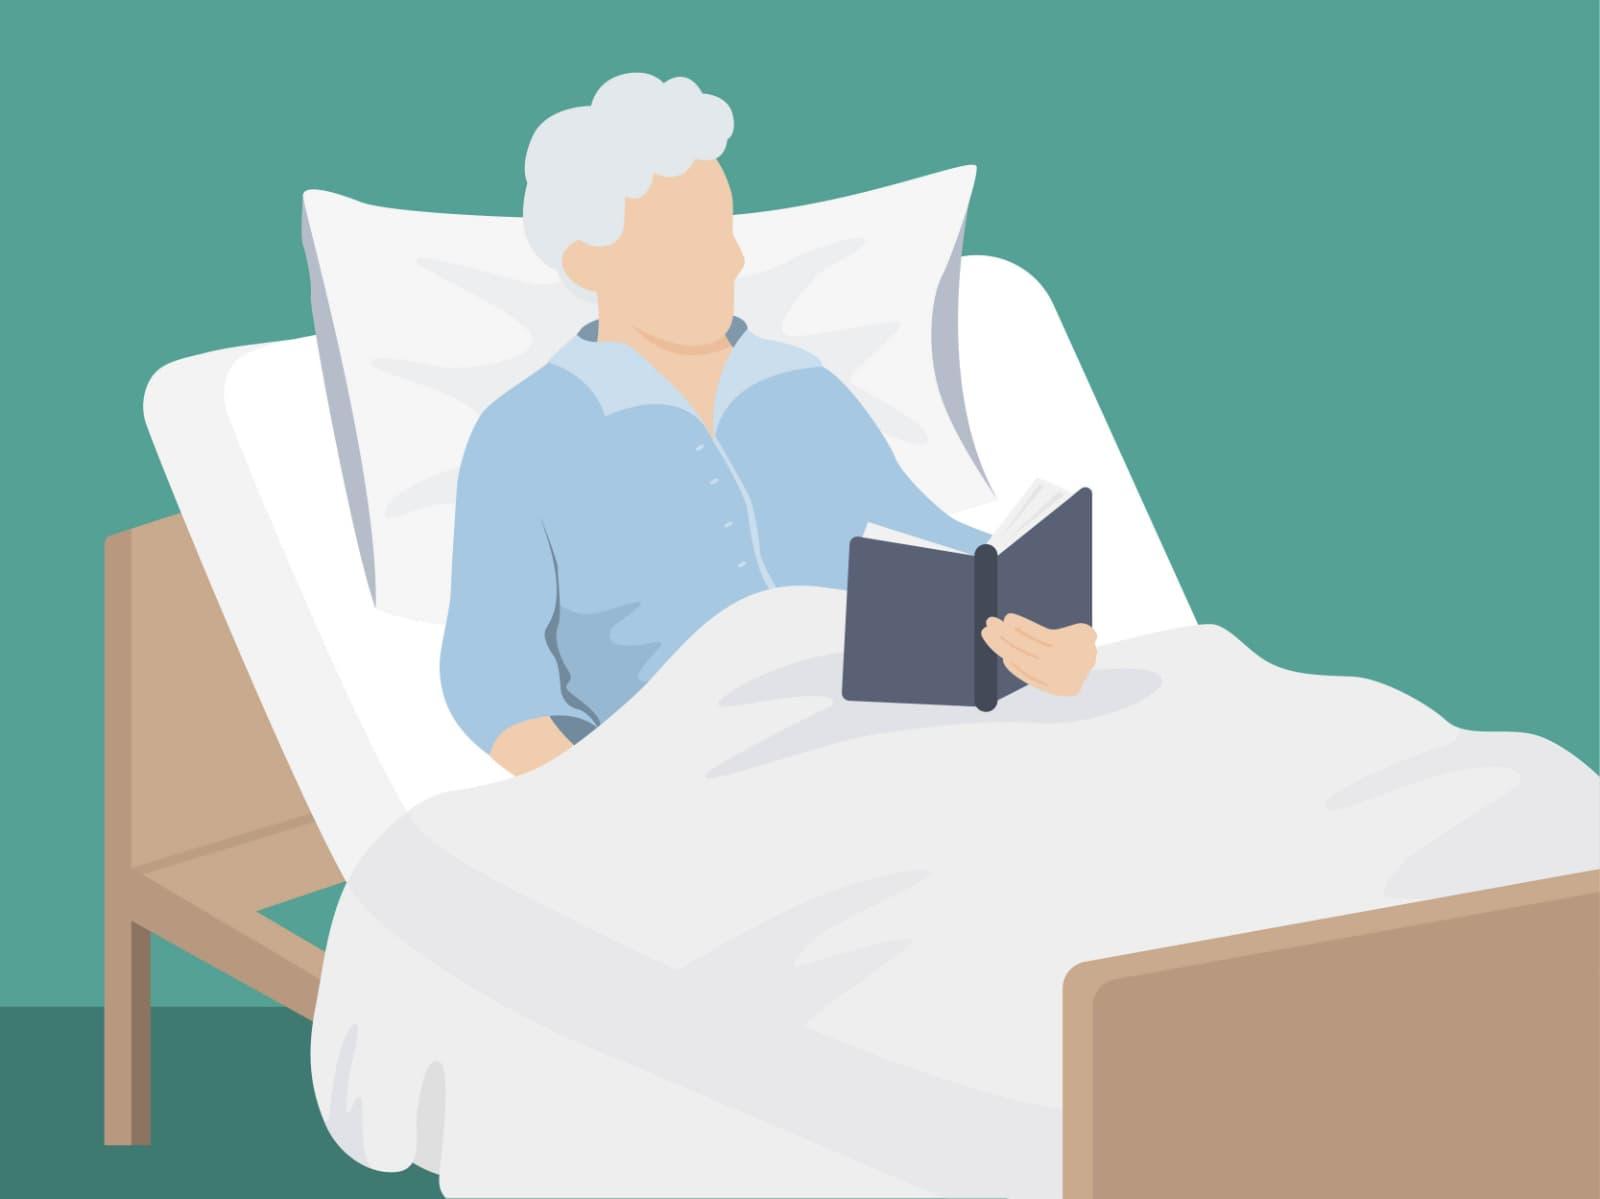 Seniorenbetten: Sie sind etwas höher als normale Betten und erleichtern so das Ein- und Aussteigen.